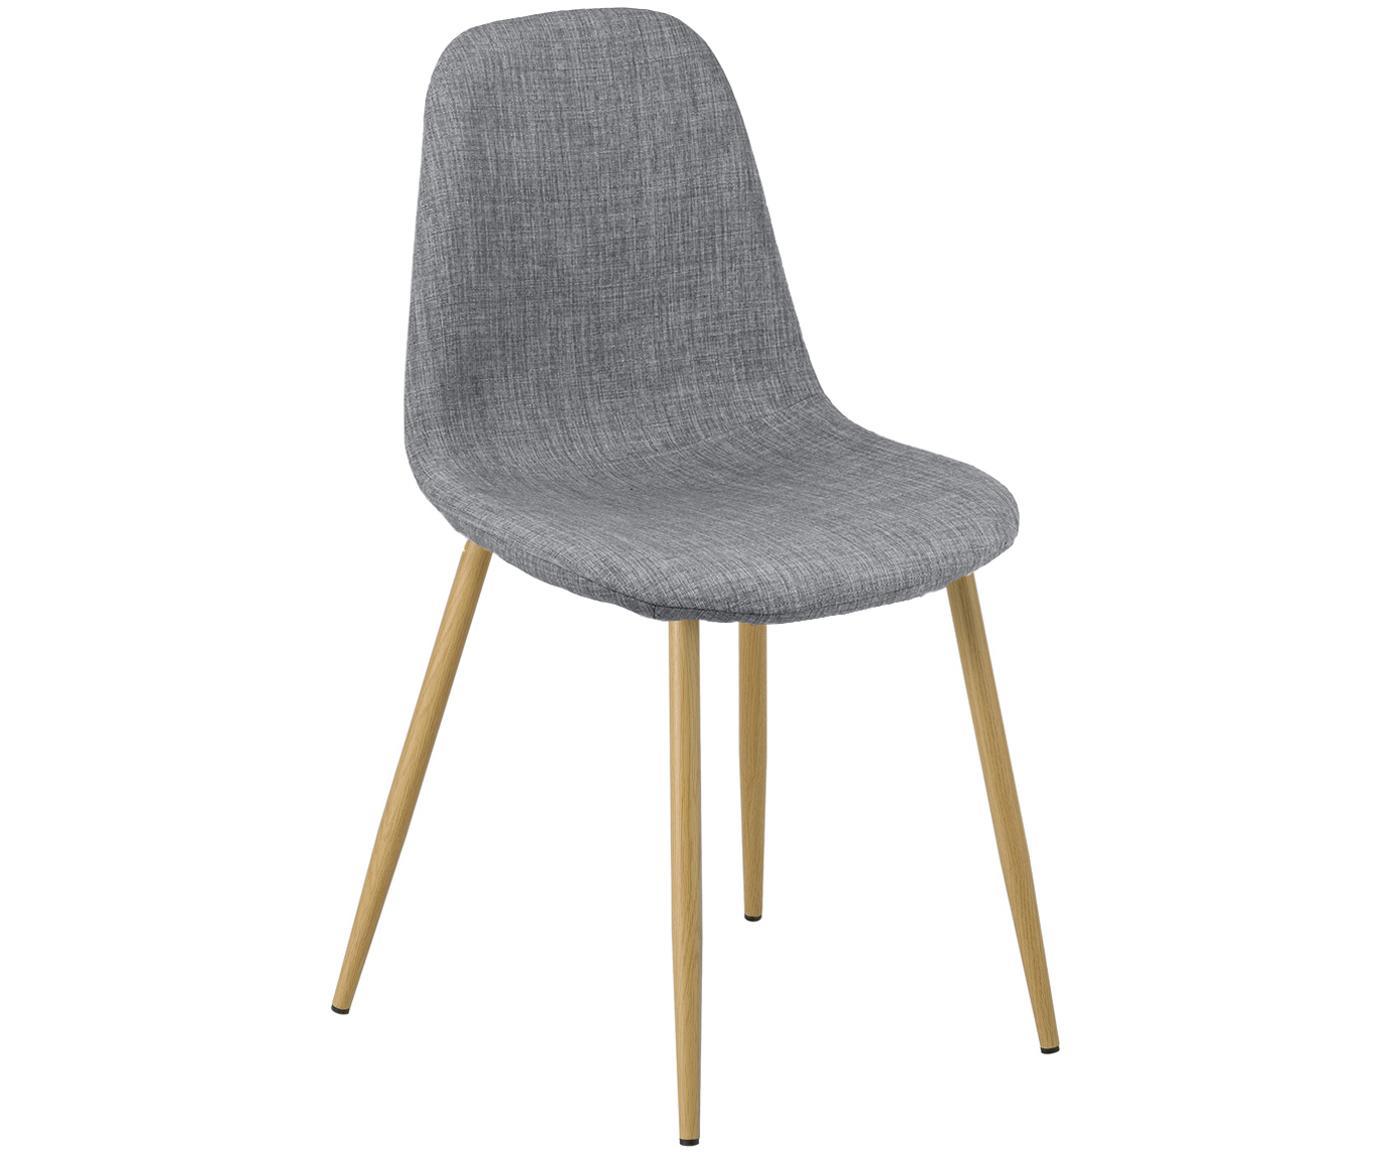 Krzesło tapicerowane Karla, 2 szt., Tapicerka: 100 % poliester, Tapicerka: pianka, 20 kg/m³, Nogi: metal o wyglądzie drewna , Szary, S 44 x G 53 cm